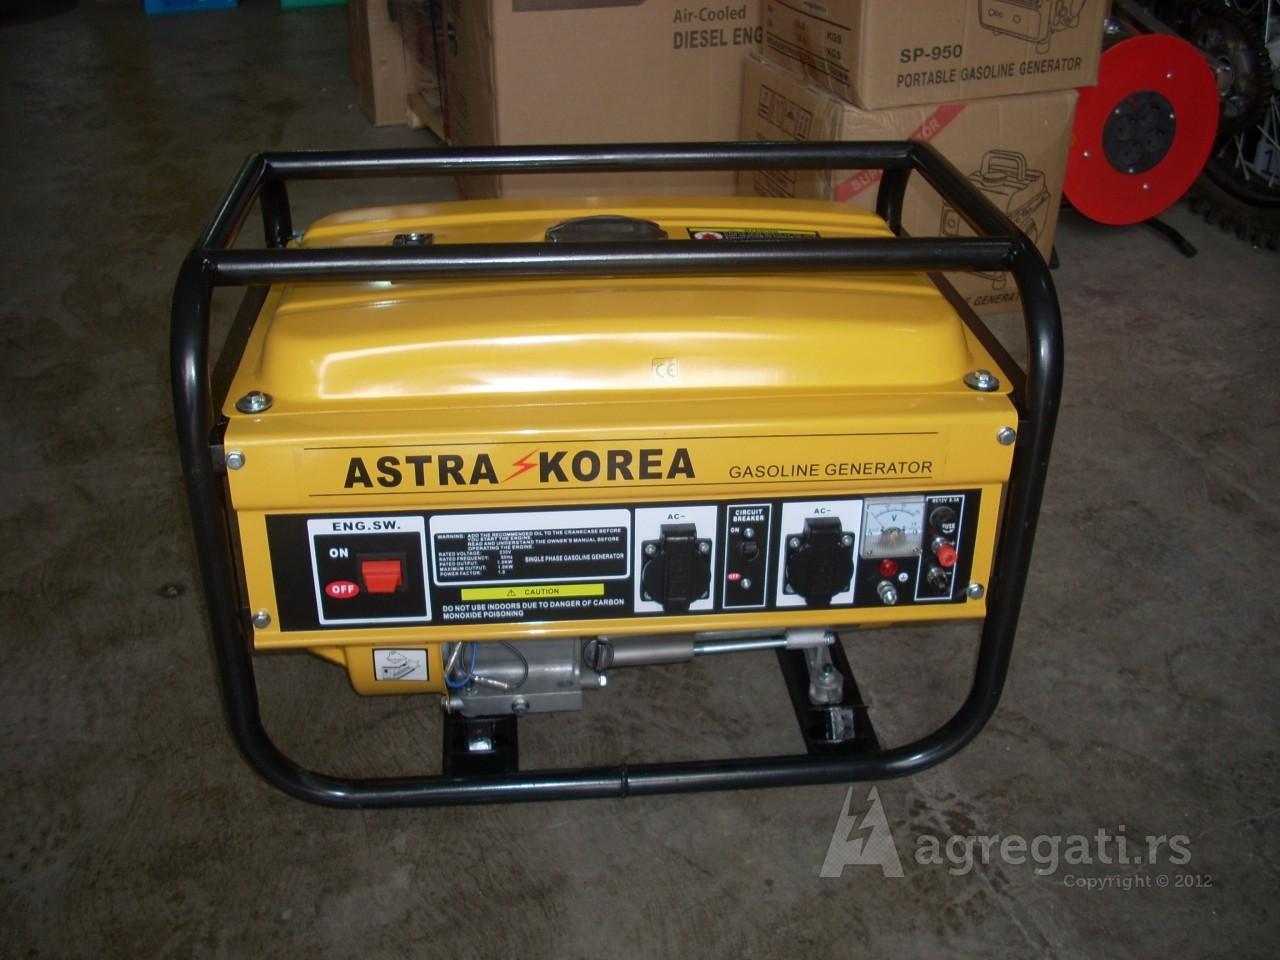 Astra Korea 2,5kw